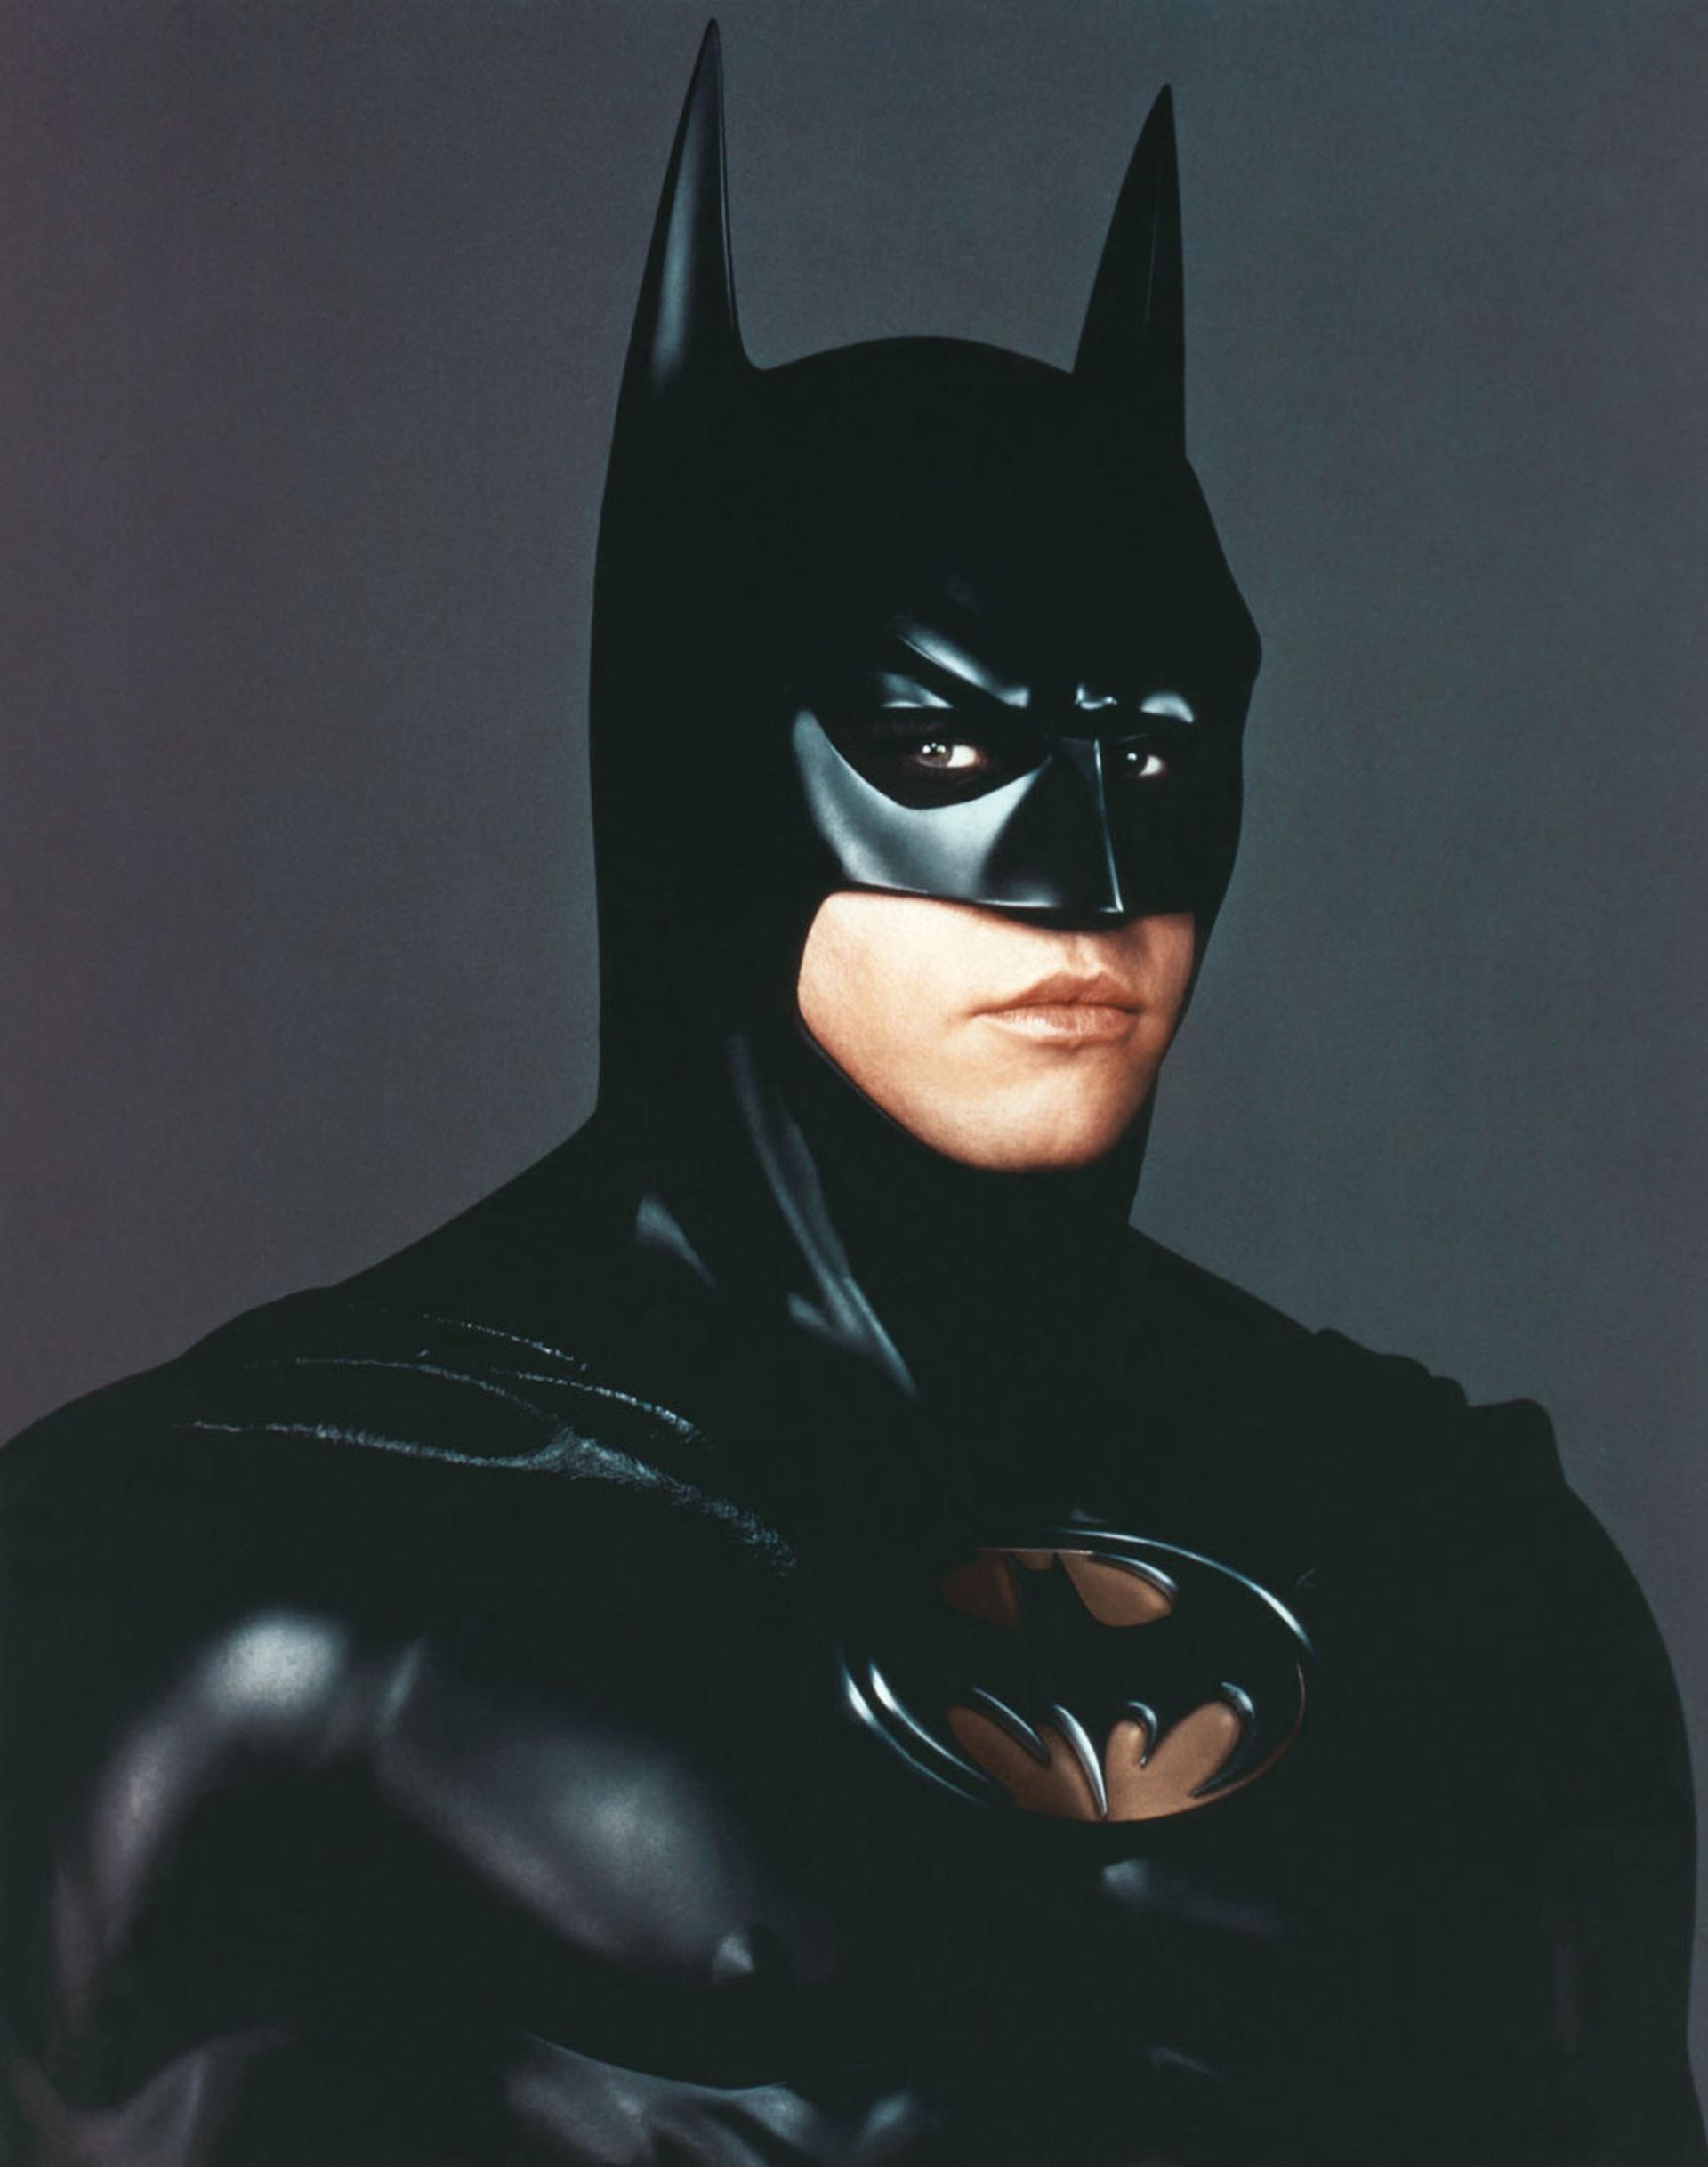 En el traje de Batman